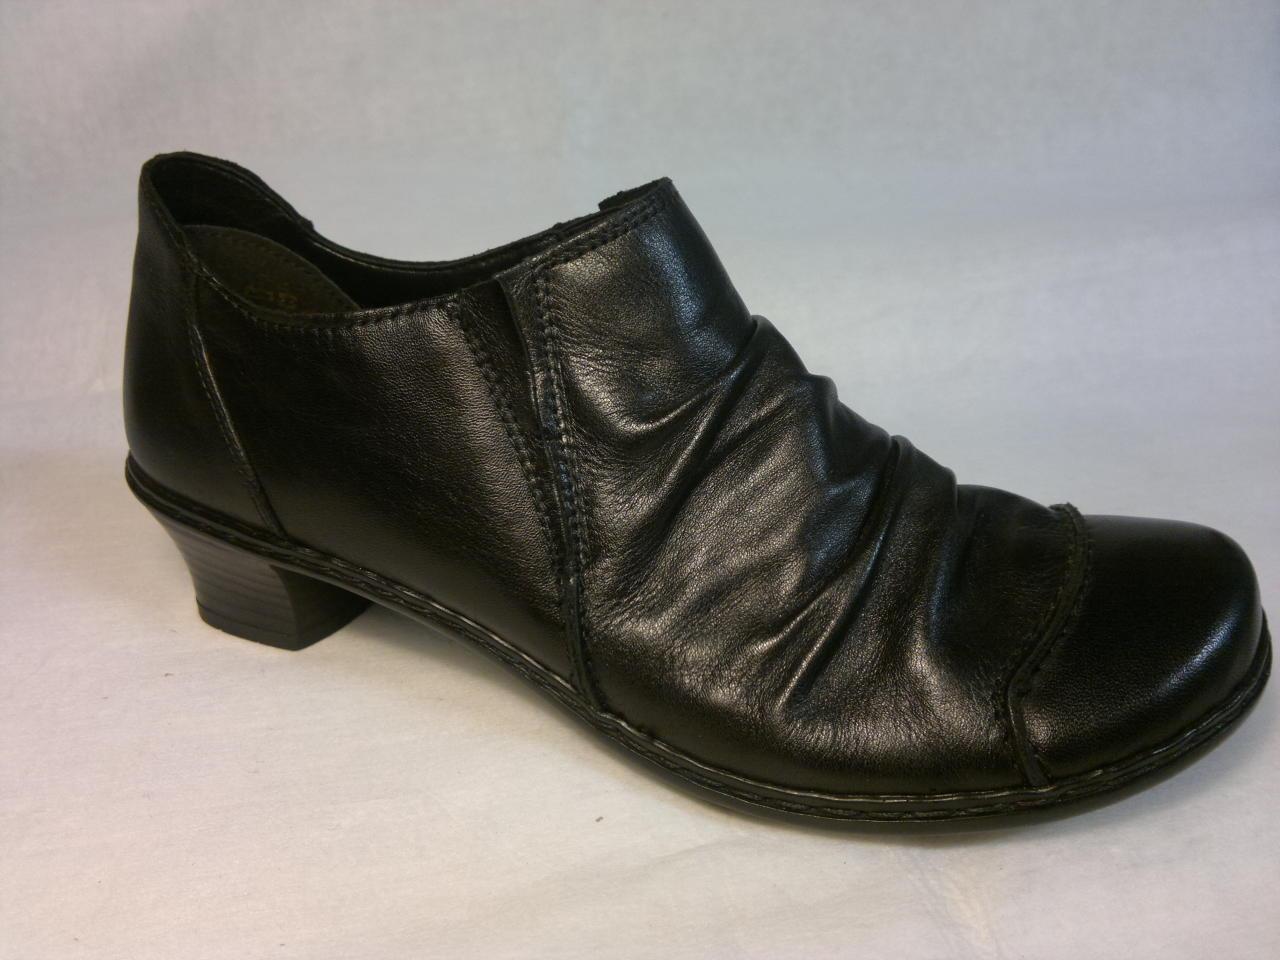 Rieker - zateplená botka s malým pdopatkem a dvěma gumičkami